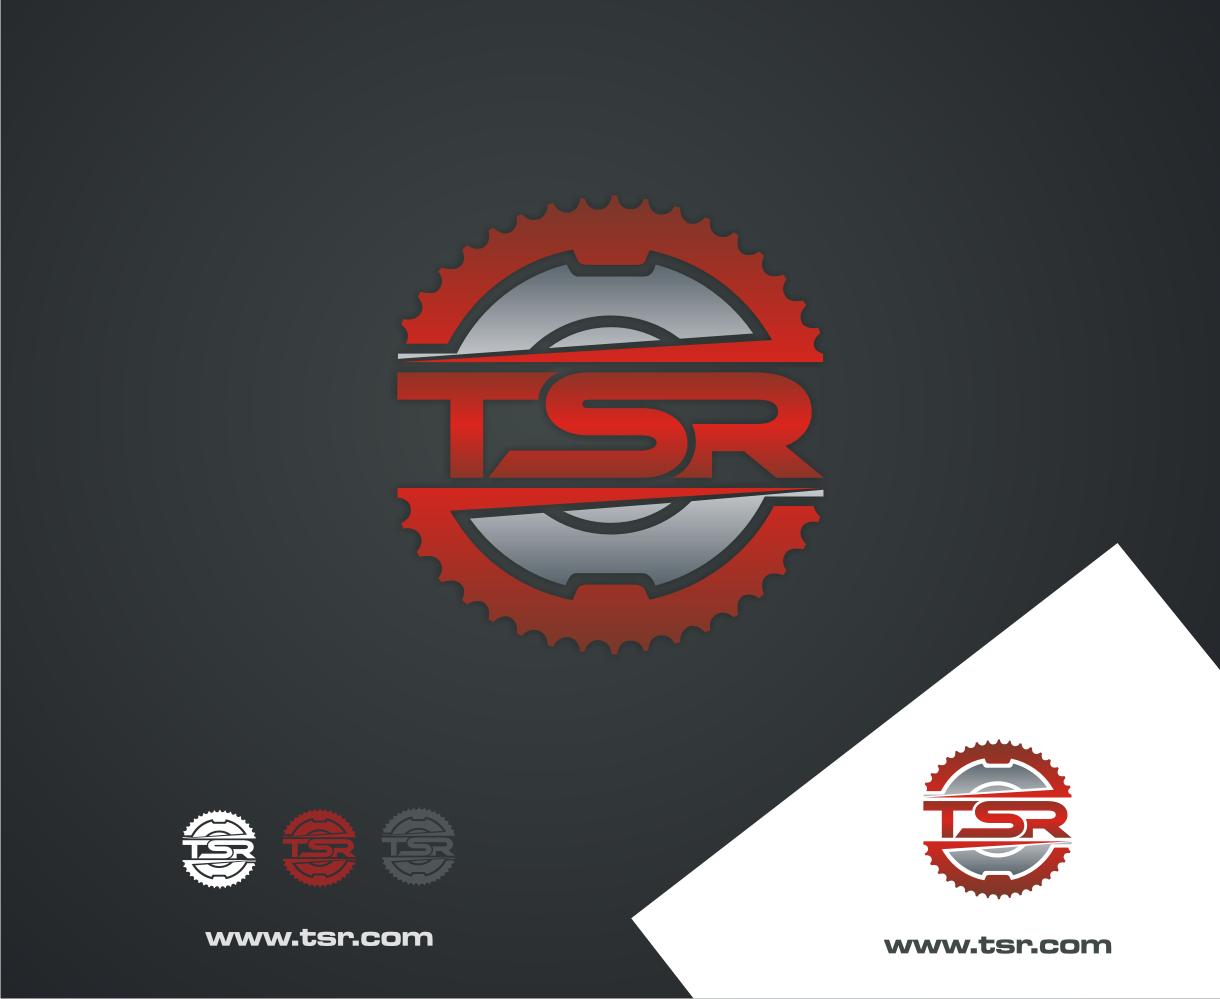 Logo Design by SonyArt - Entry No. 64 in the Logo Design Contest Creative Logo Design for TSR.